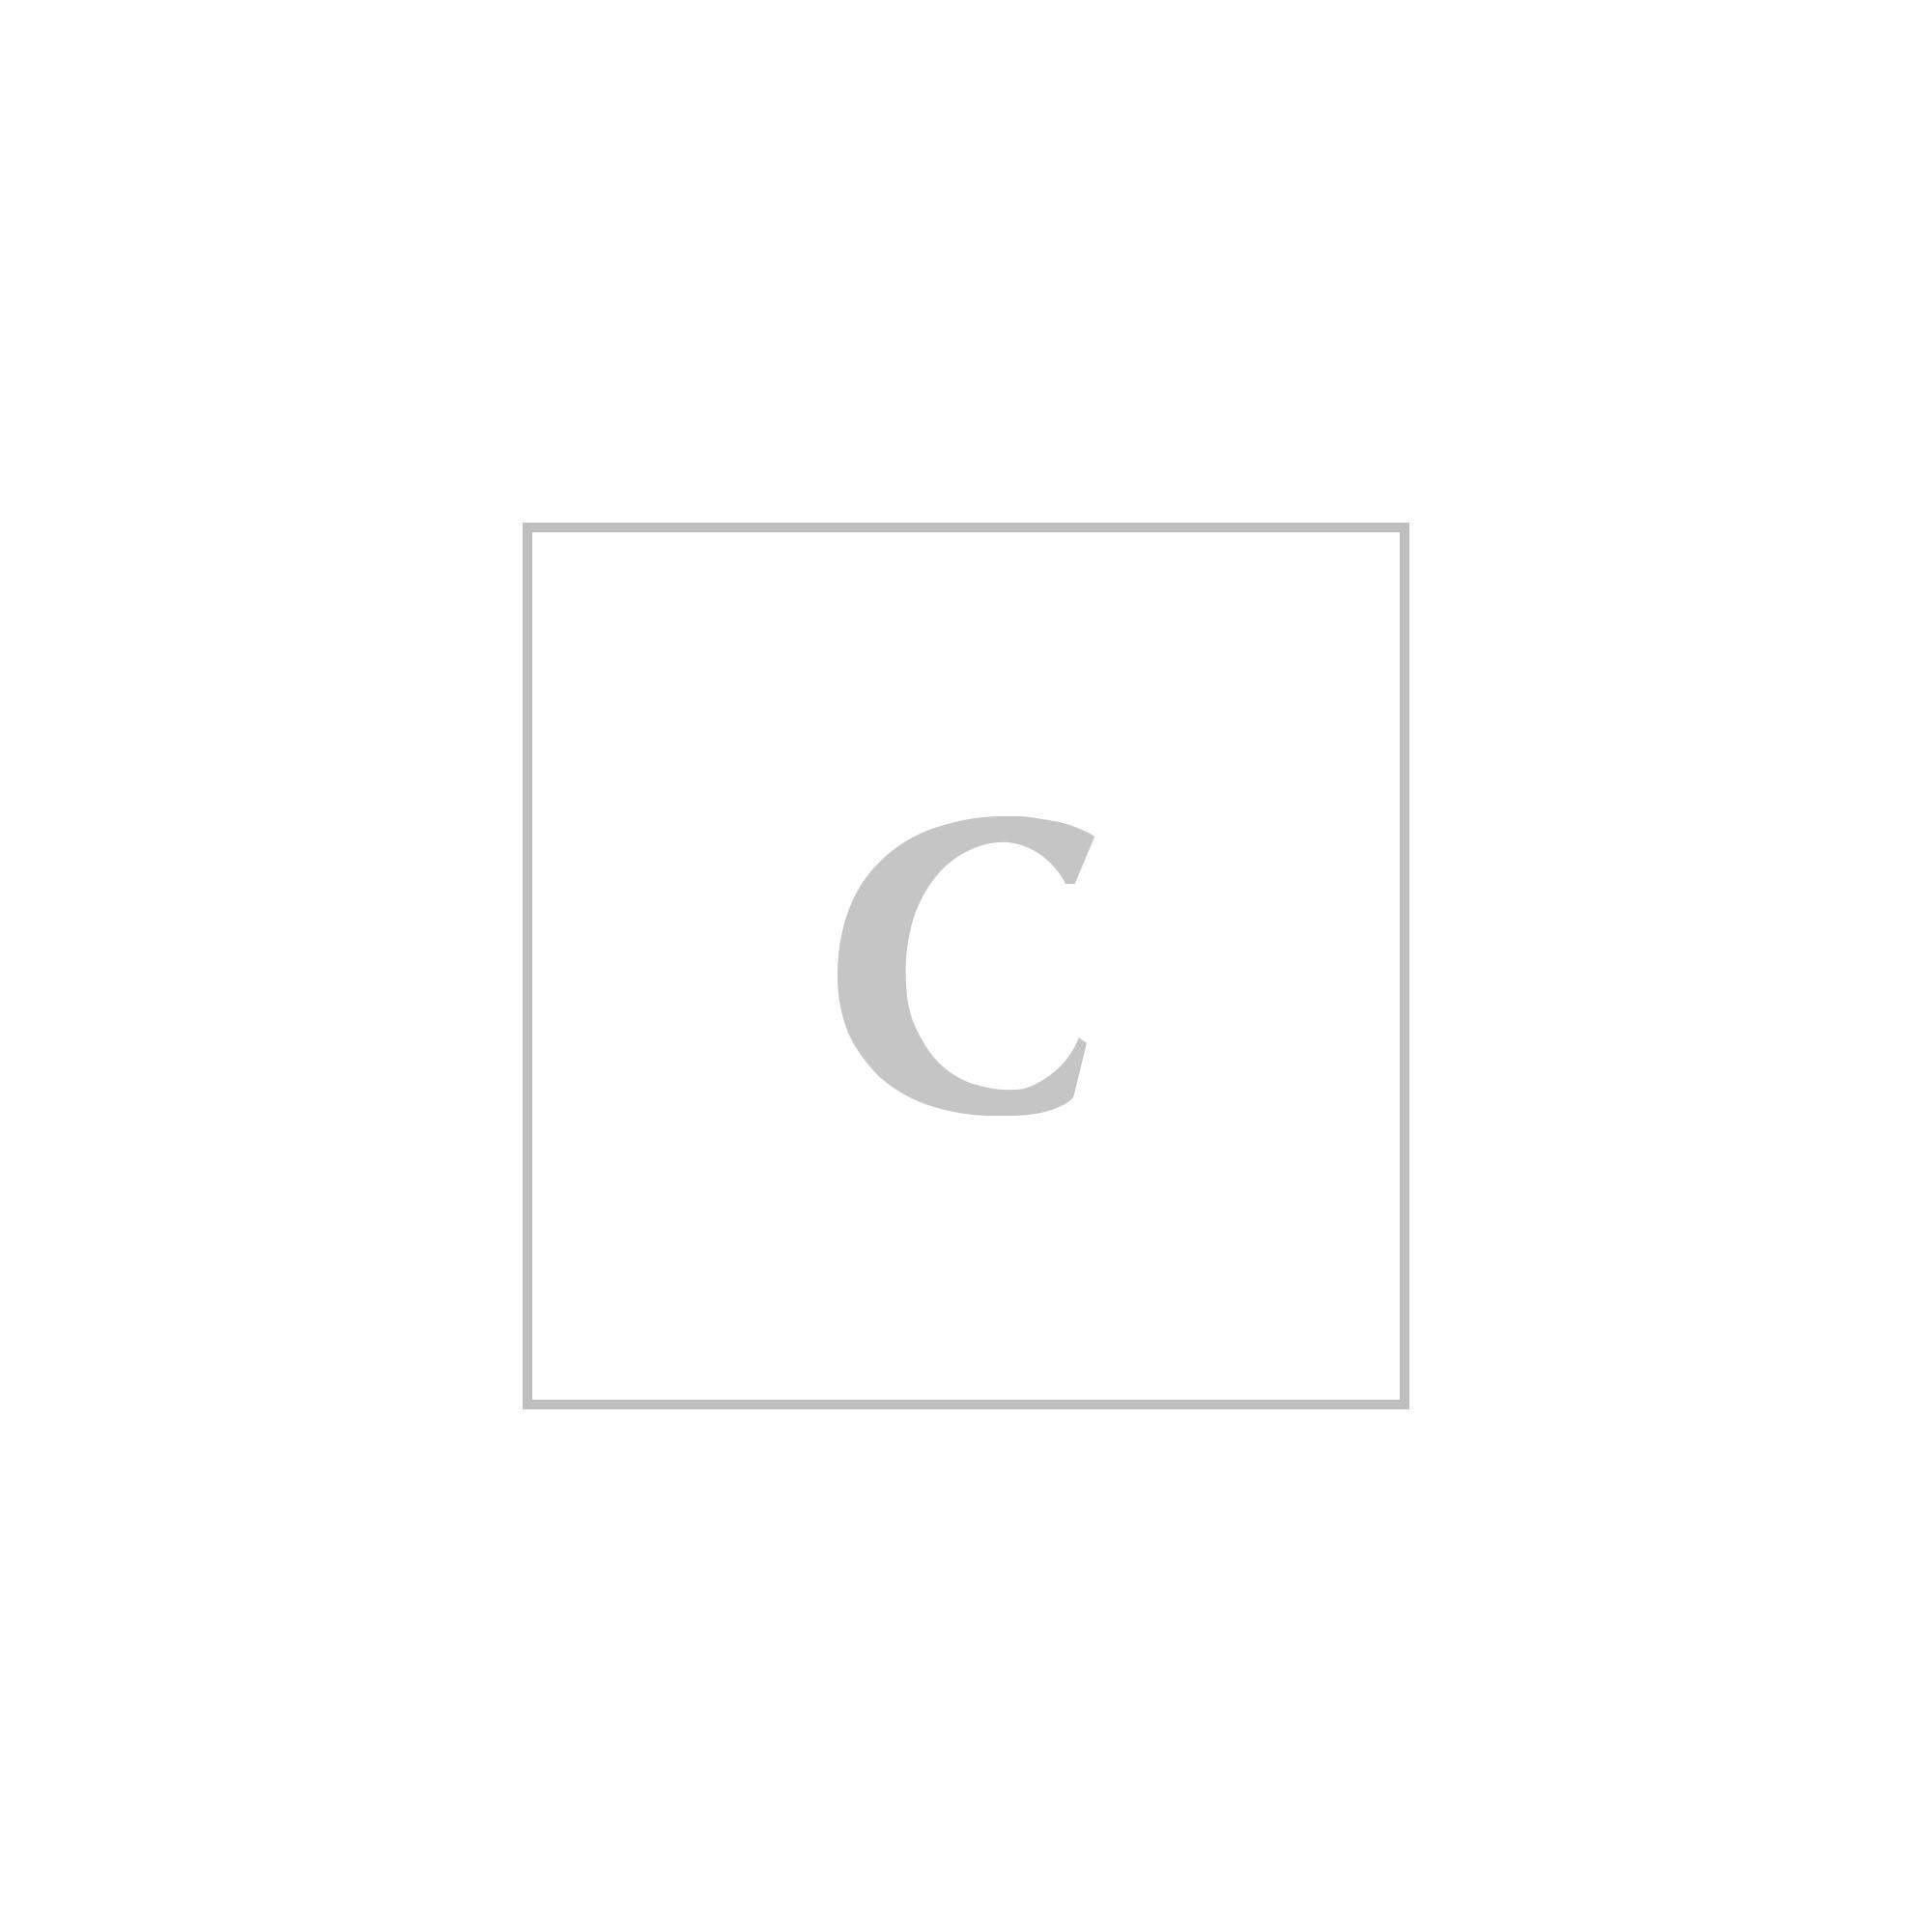 Dolce & gabbana espadrillas broccato stampato